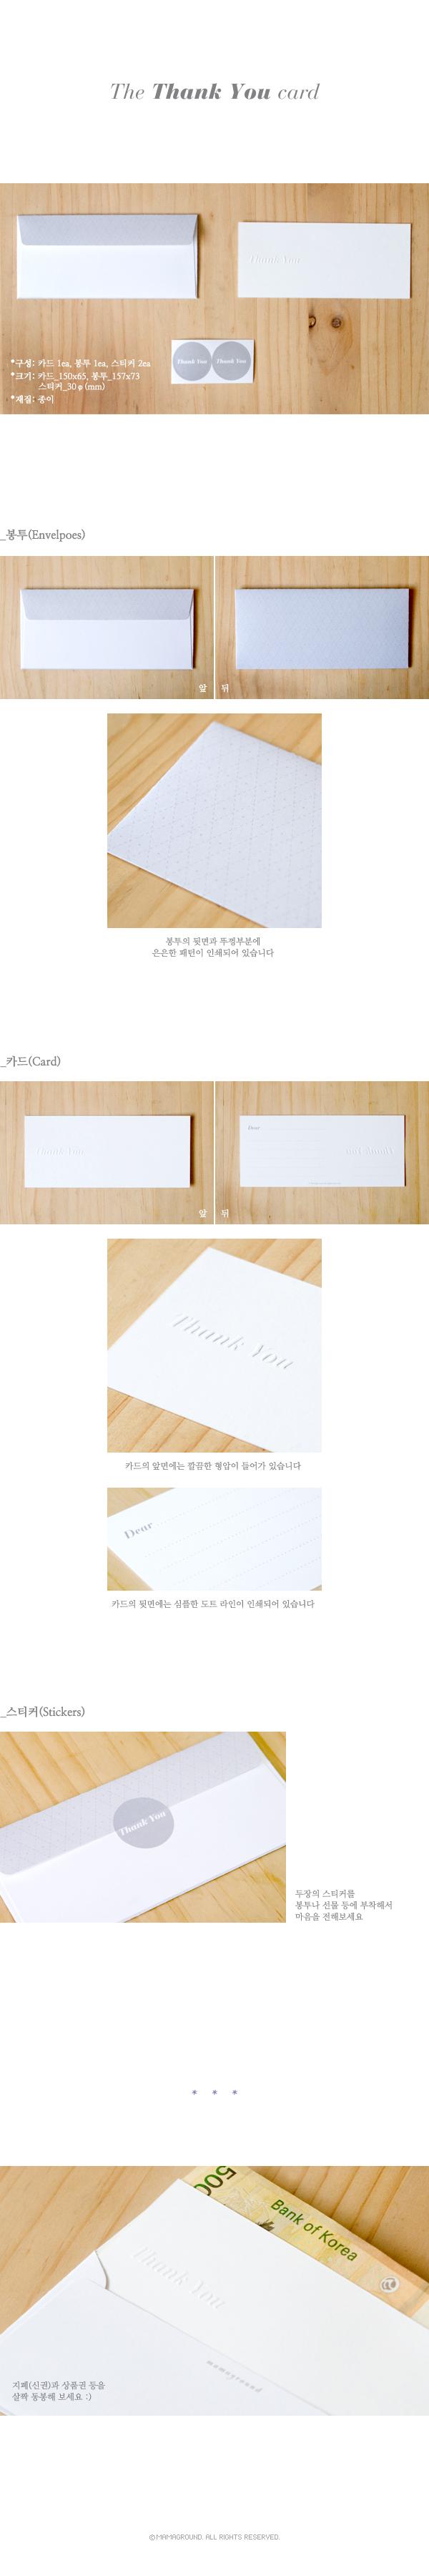 The Thank You card - 마마그라운드, 1,000원, 카드, 감사 카드